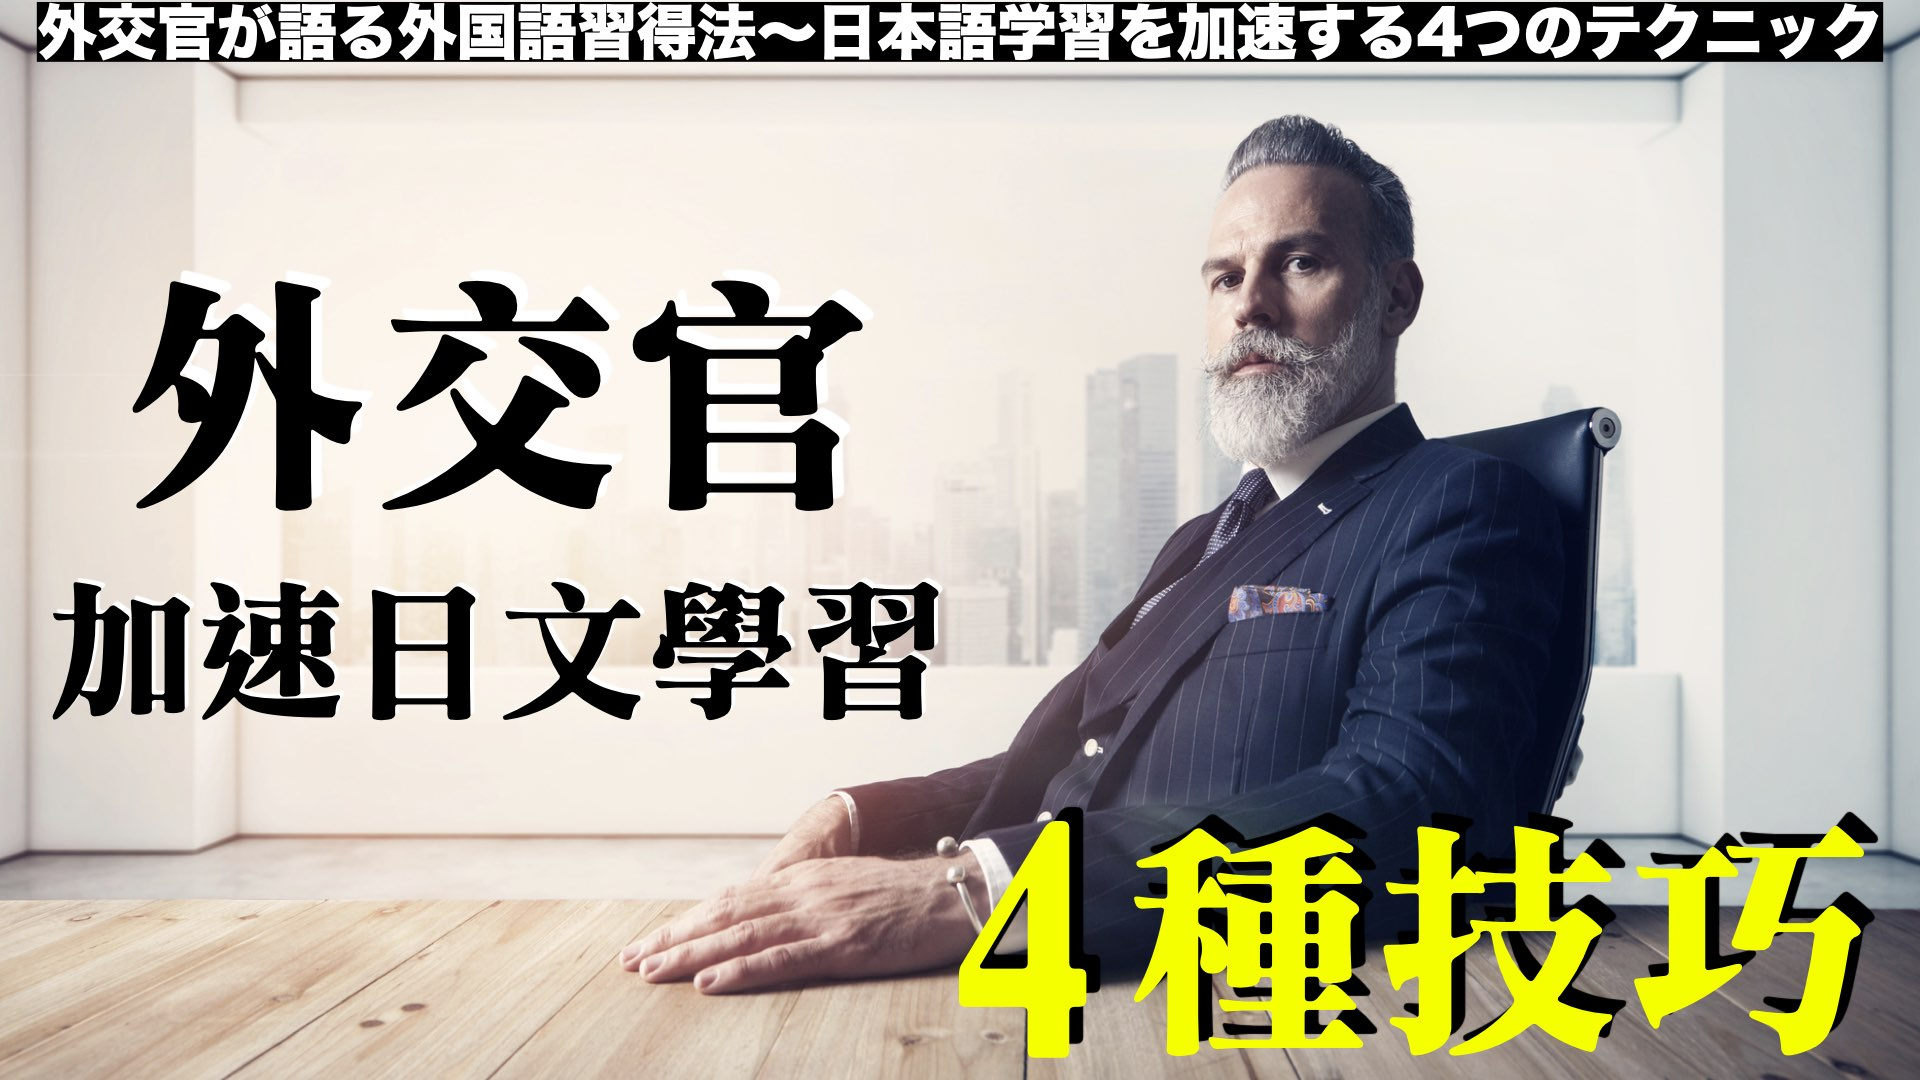 外交官闡述的外語學習法~加速日文學習的4種技巧~/外交官が語る外国語習得法〜日本語学習を加速する4つのテクニック〜